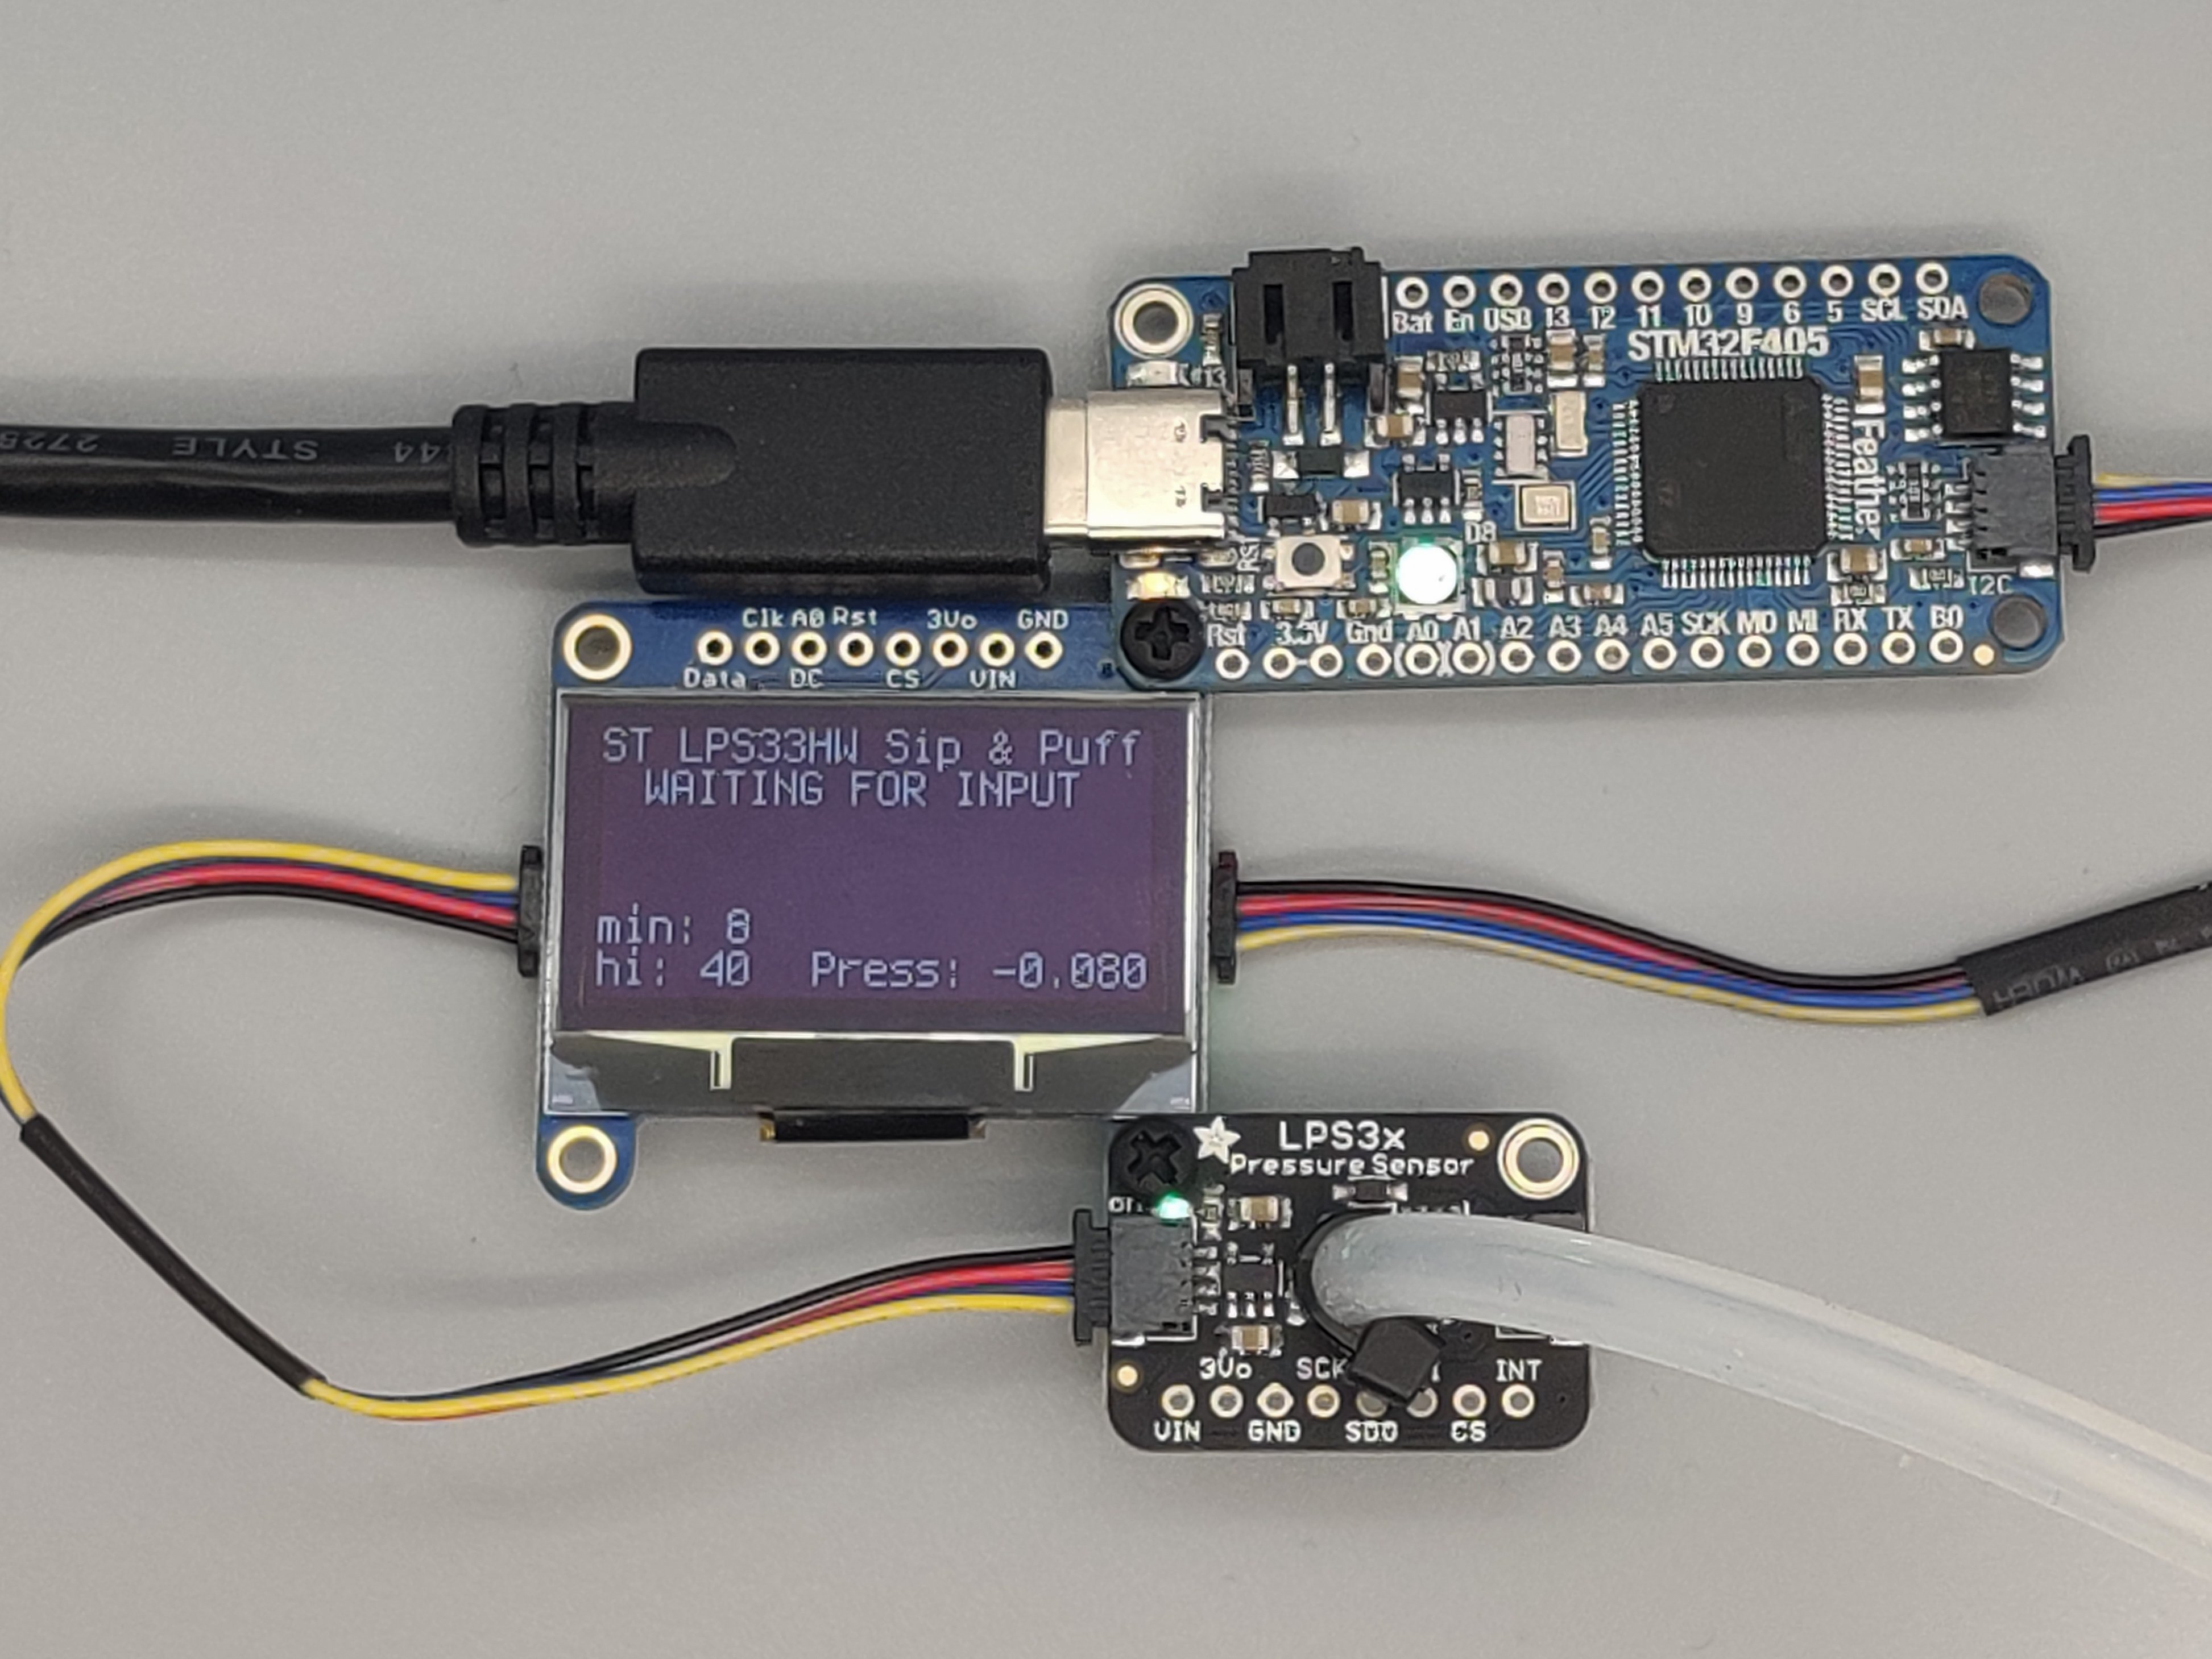 sensors_IMG_20200211_165406.jpg